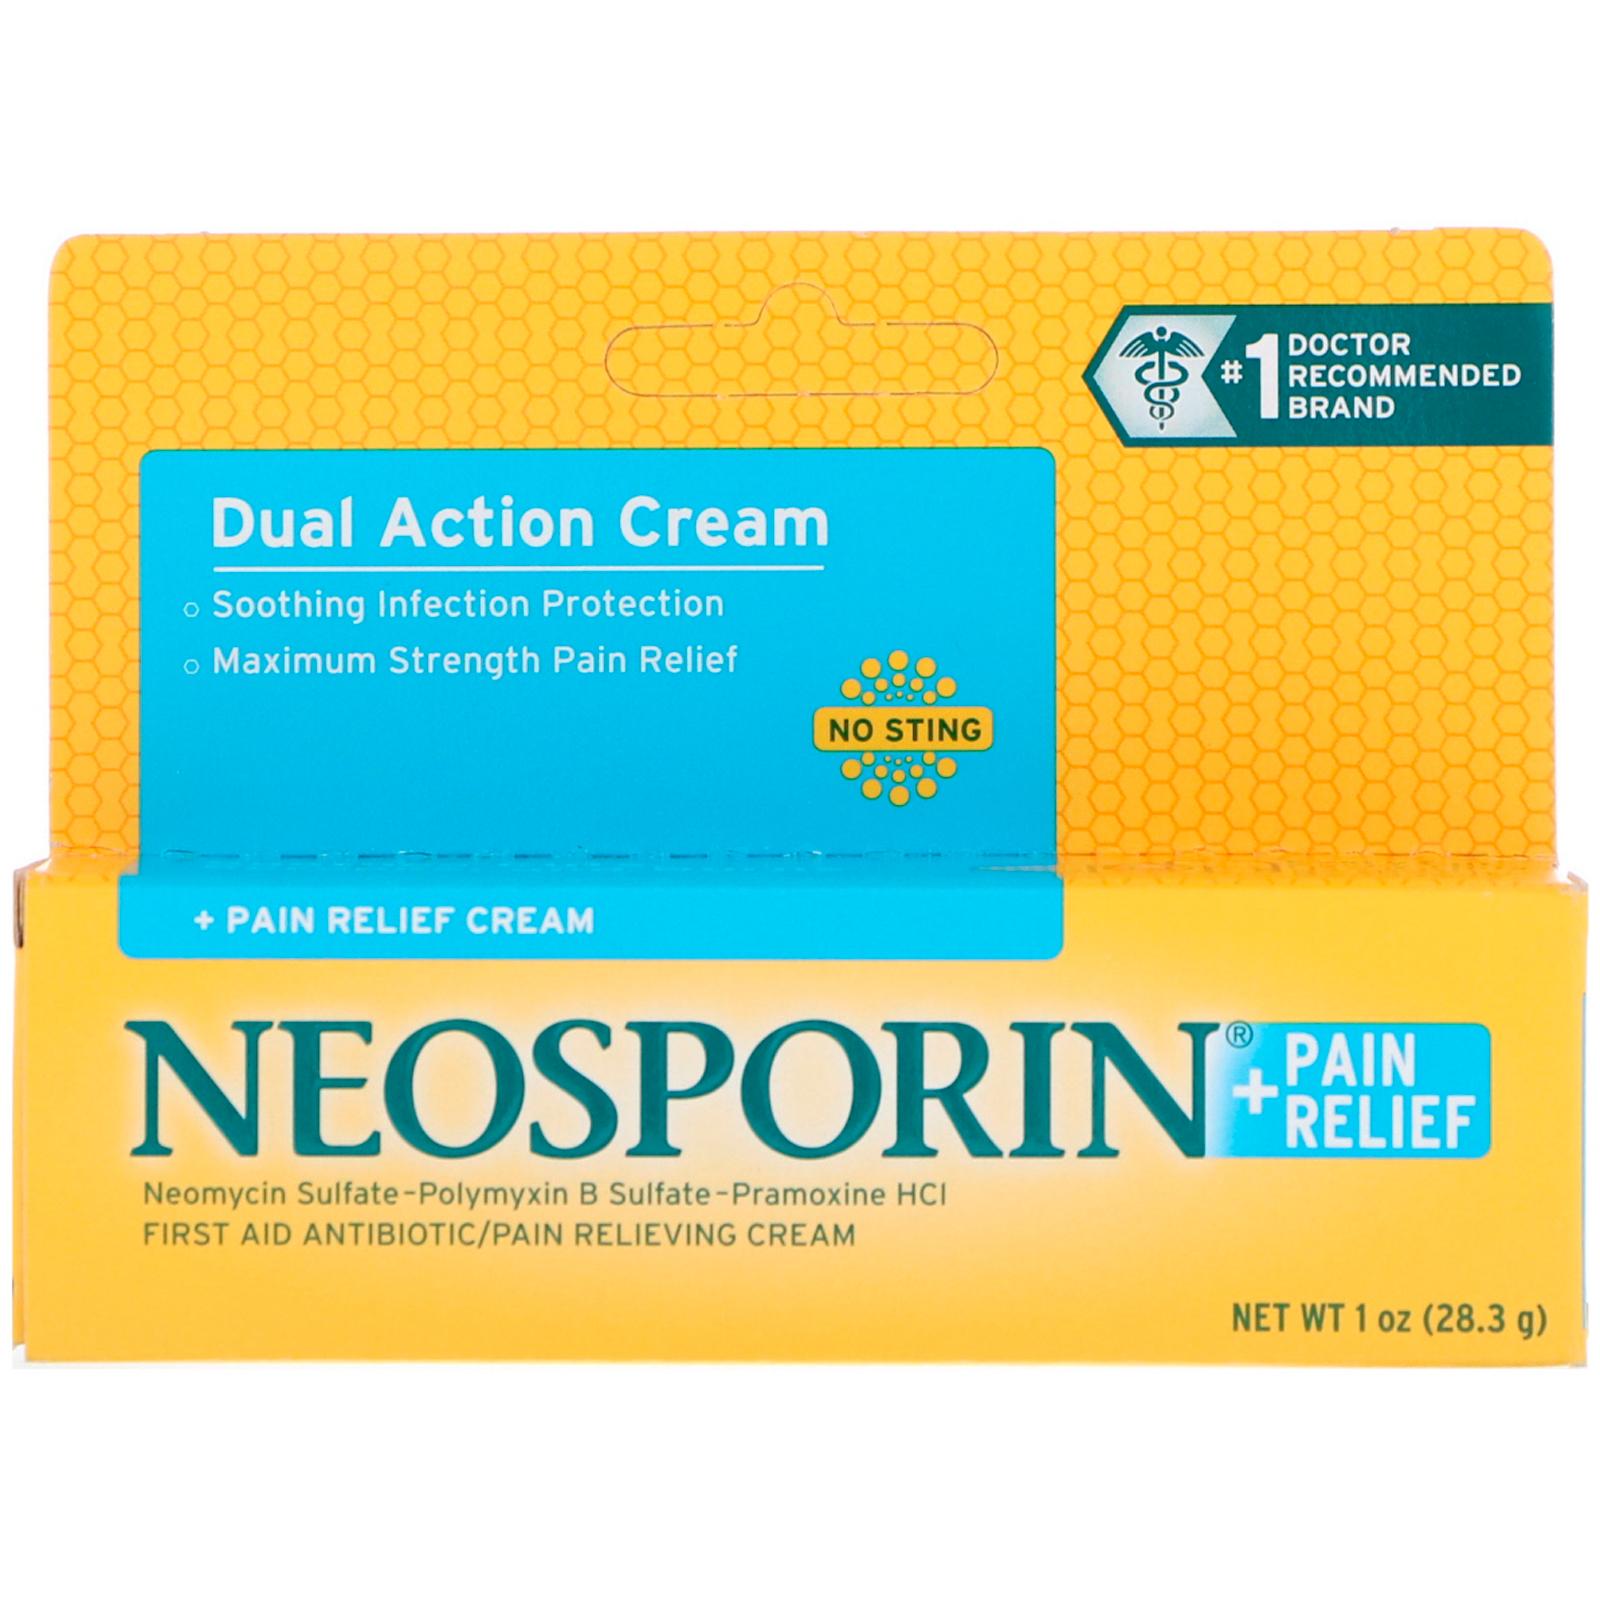 Neosporin, Dual Action Cream, Pain Relief Cream, 1 oz (28 3 g)